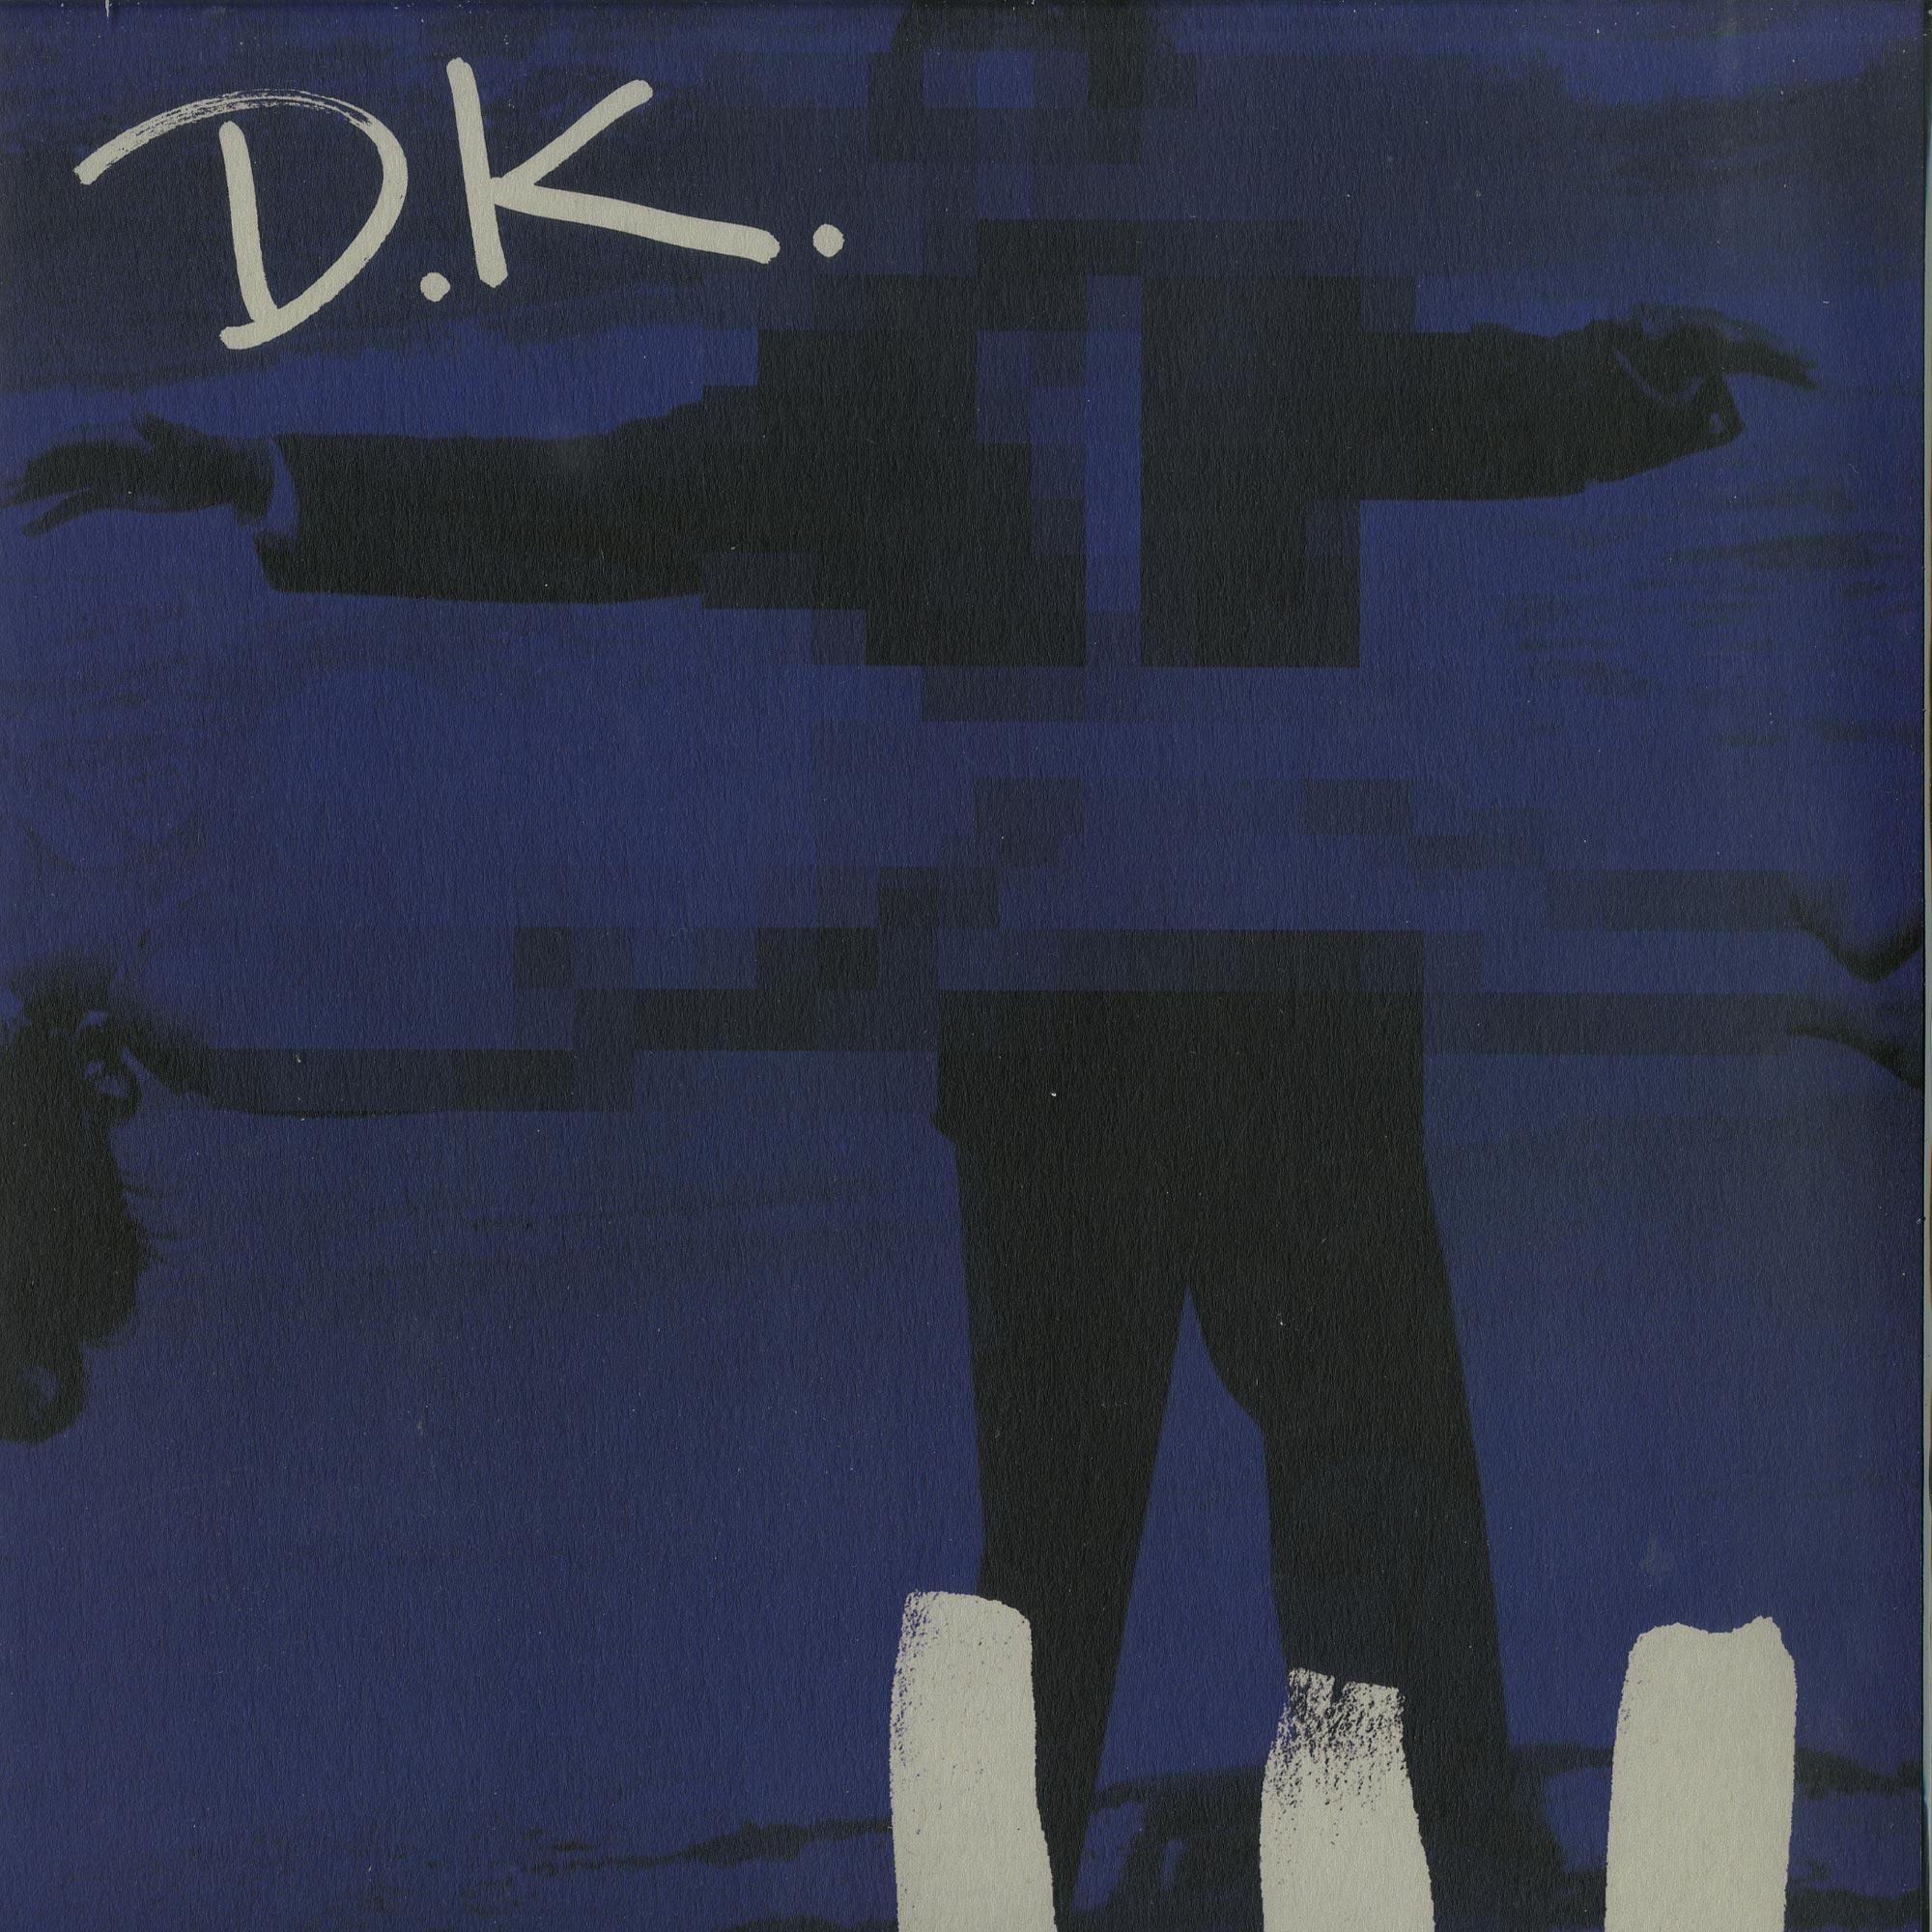 D.K. - MYSTERY DUB EP